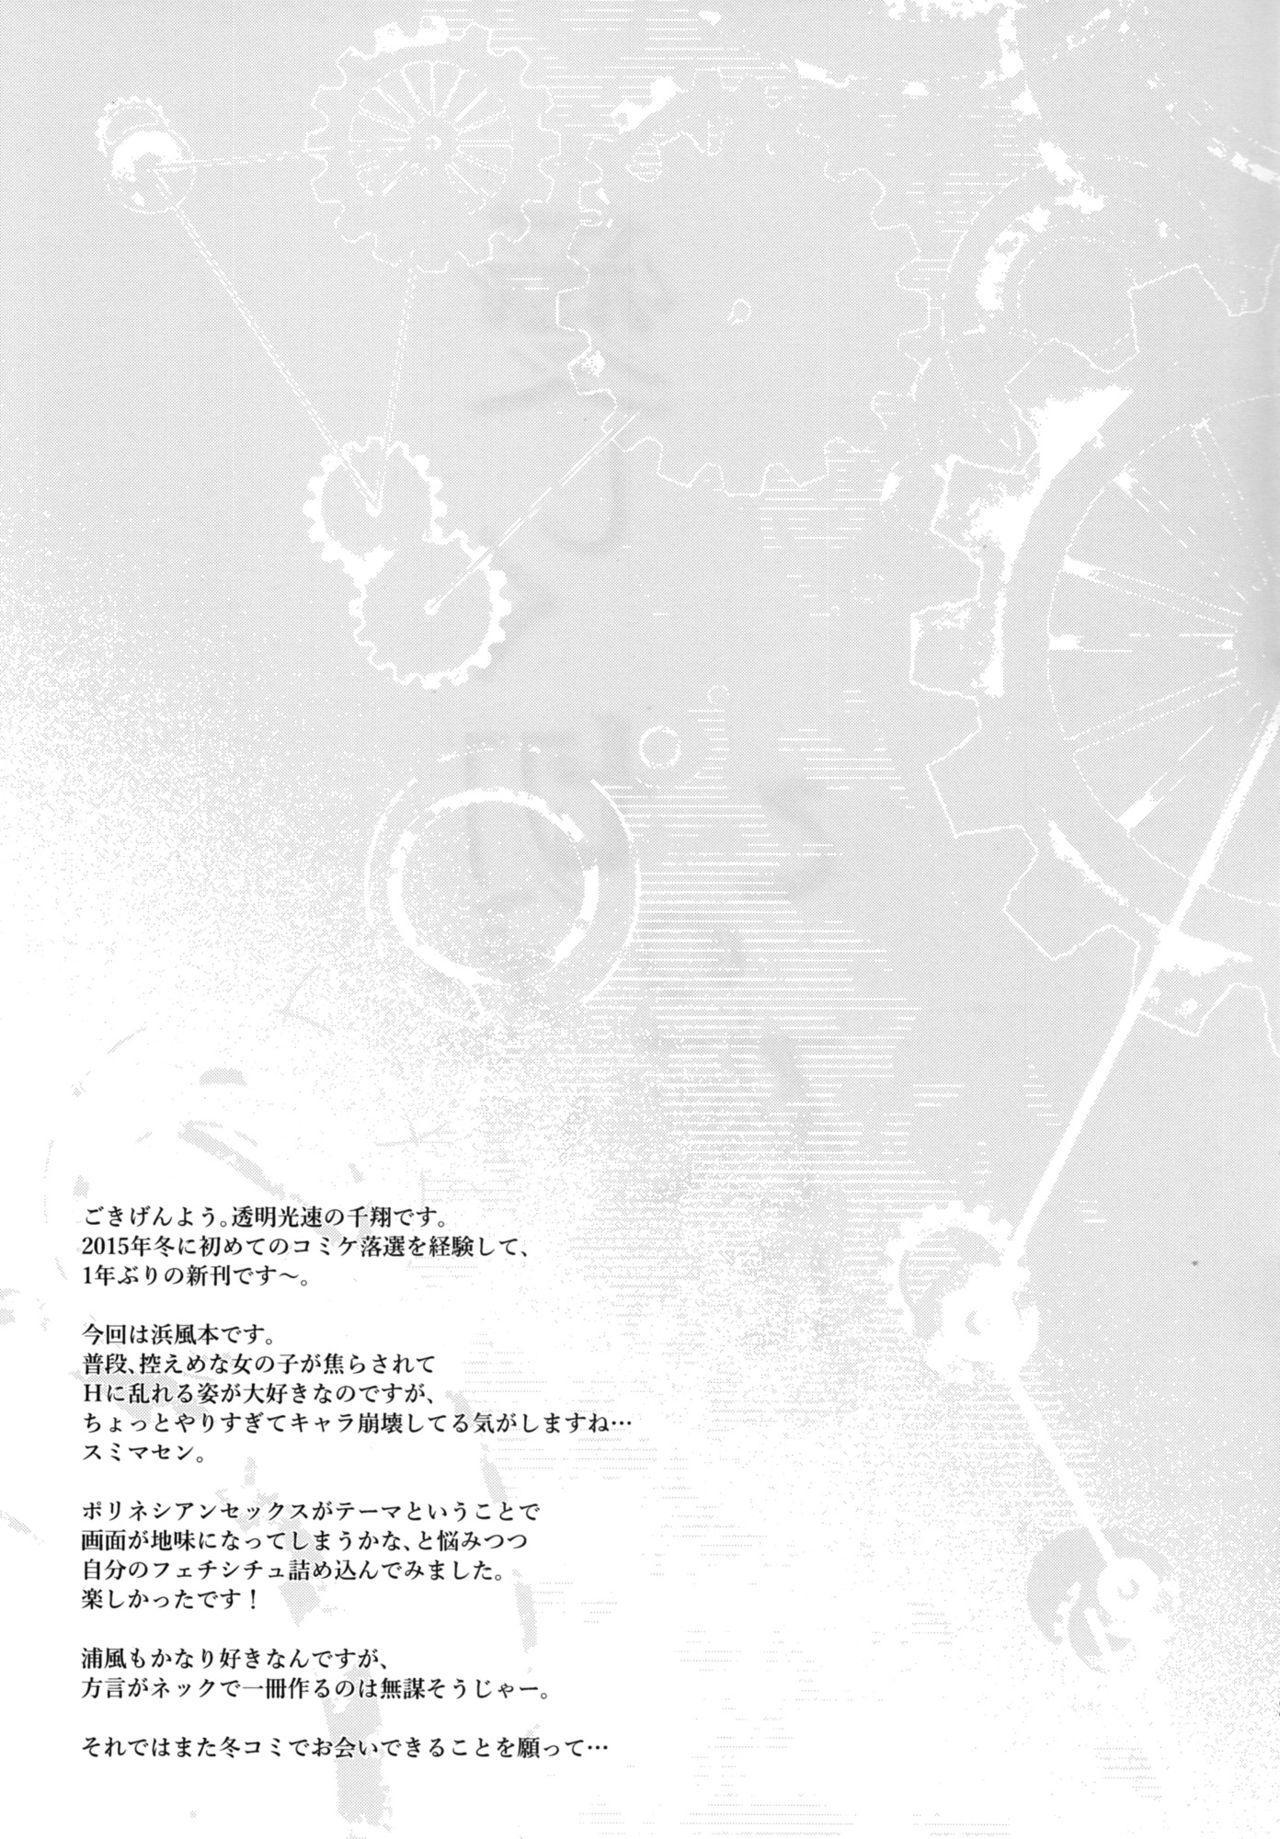 Itoshiku Setsunai Kono Yoru ni 19